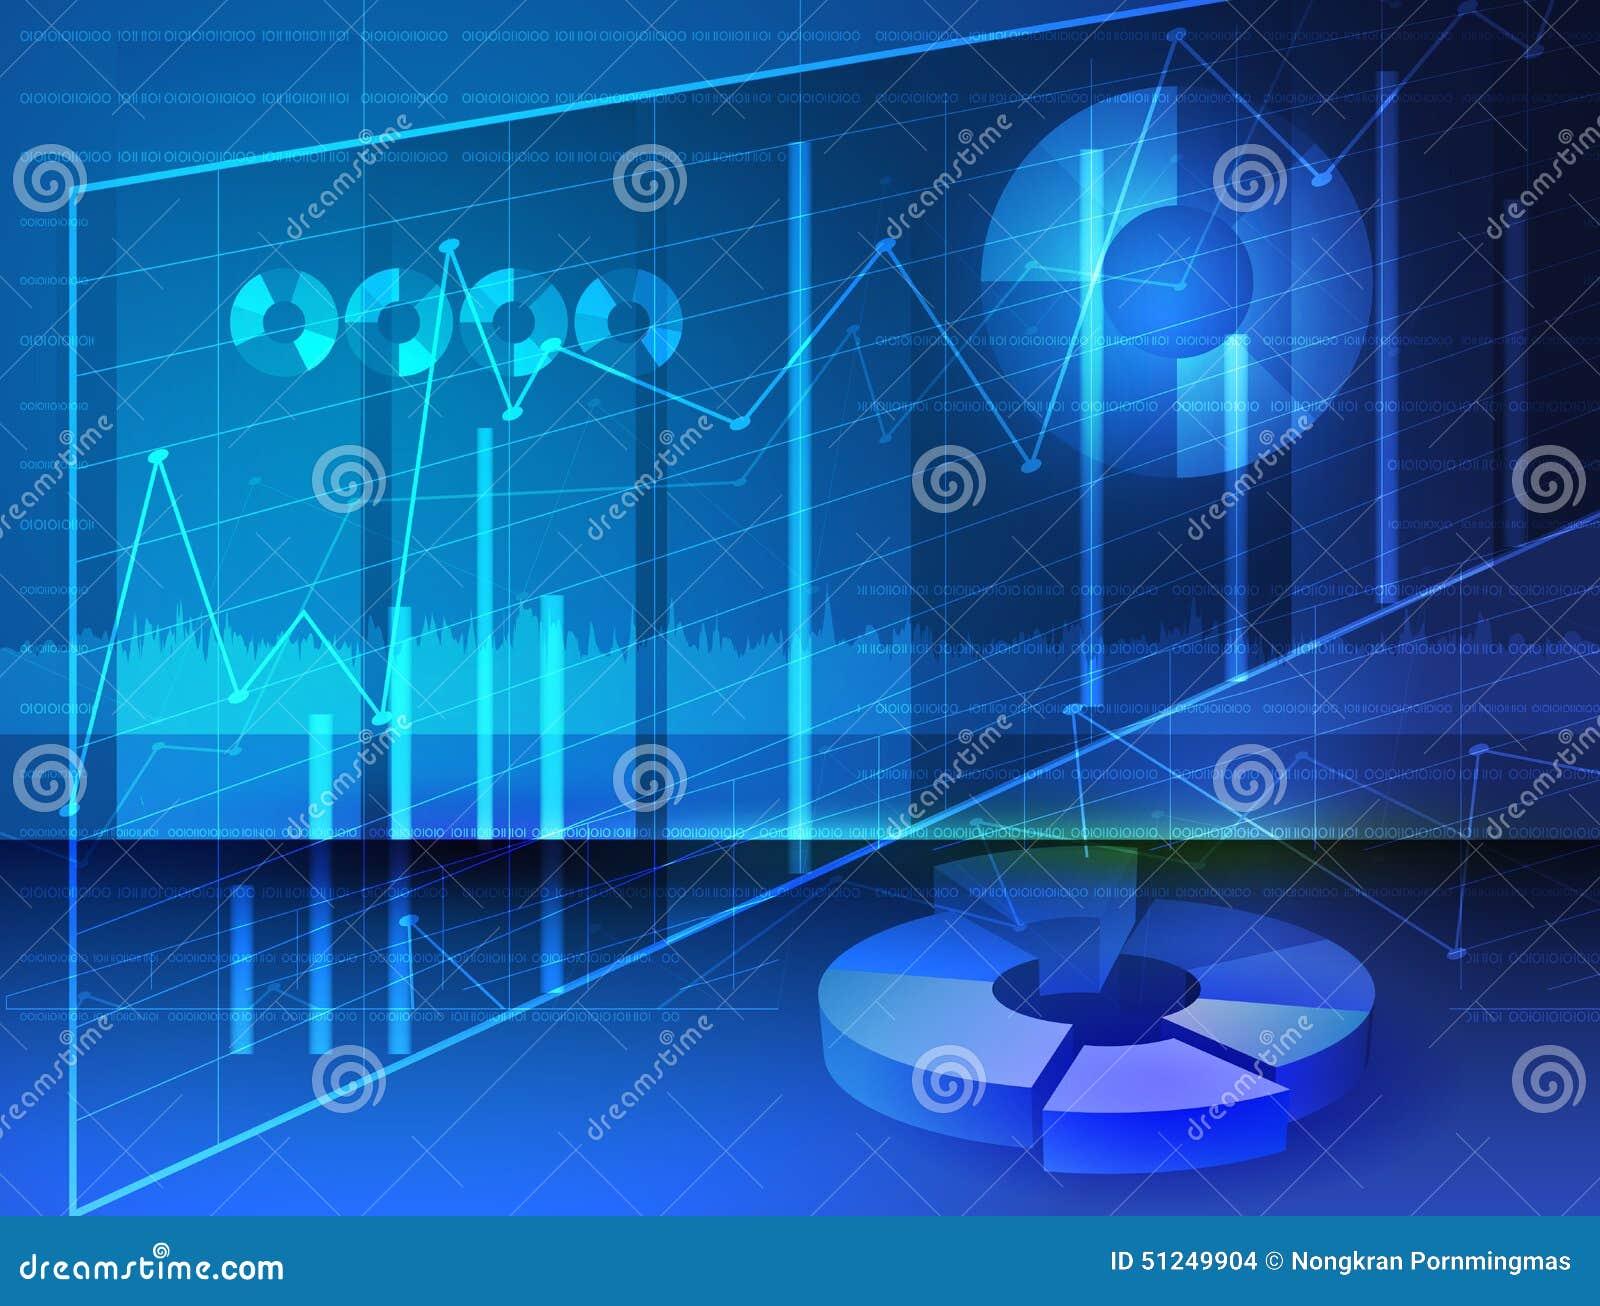 Abstracte Diagrammen, Voorraadmedia Beeld digitale grafieken